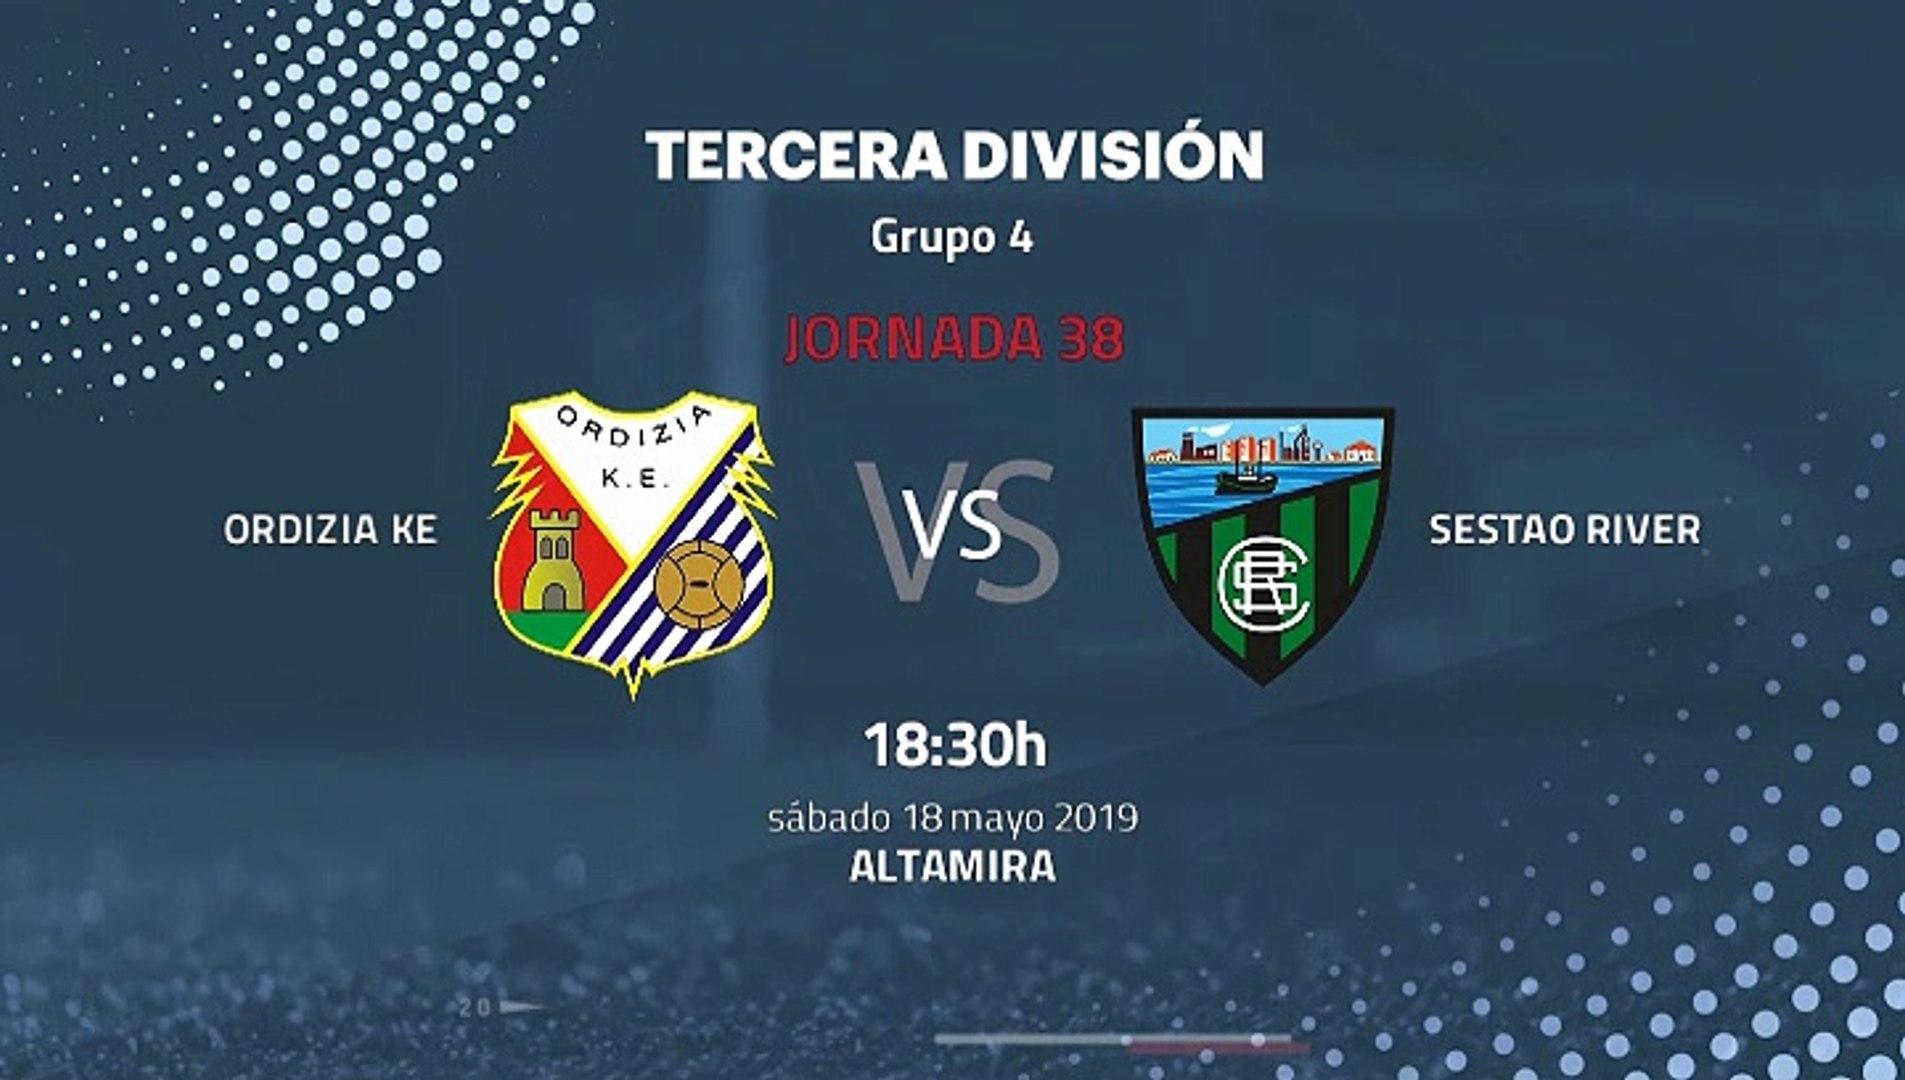 Previa partido entre Ordizia KE y Sestao River Jornada 38 Tercera División